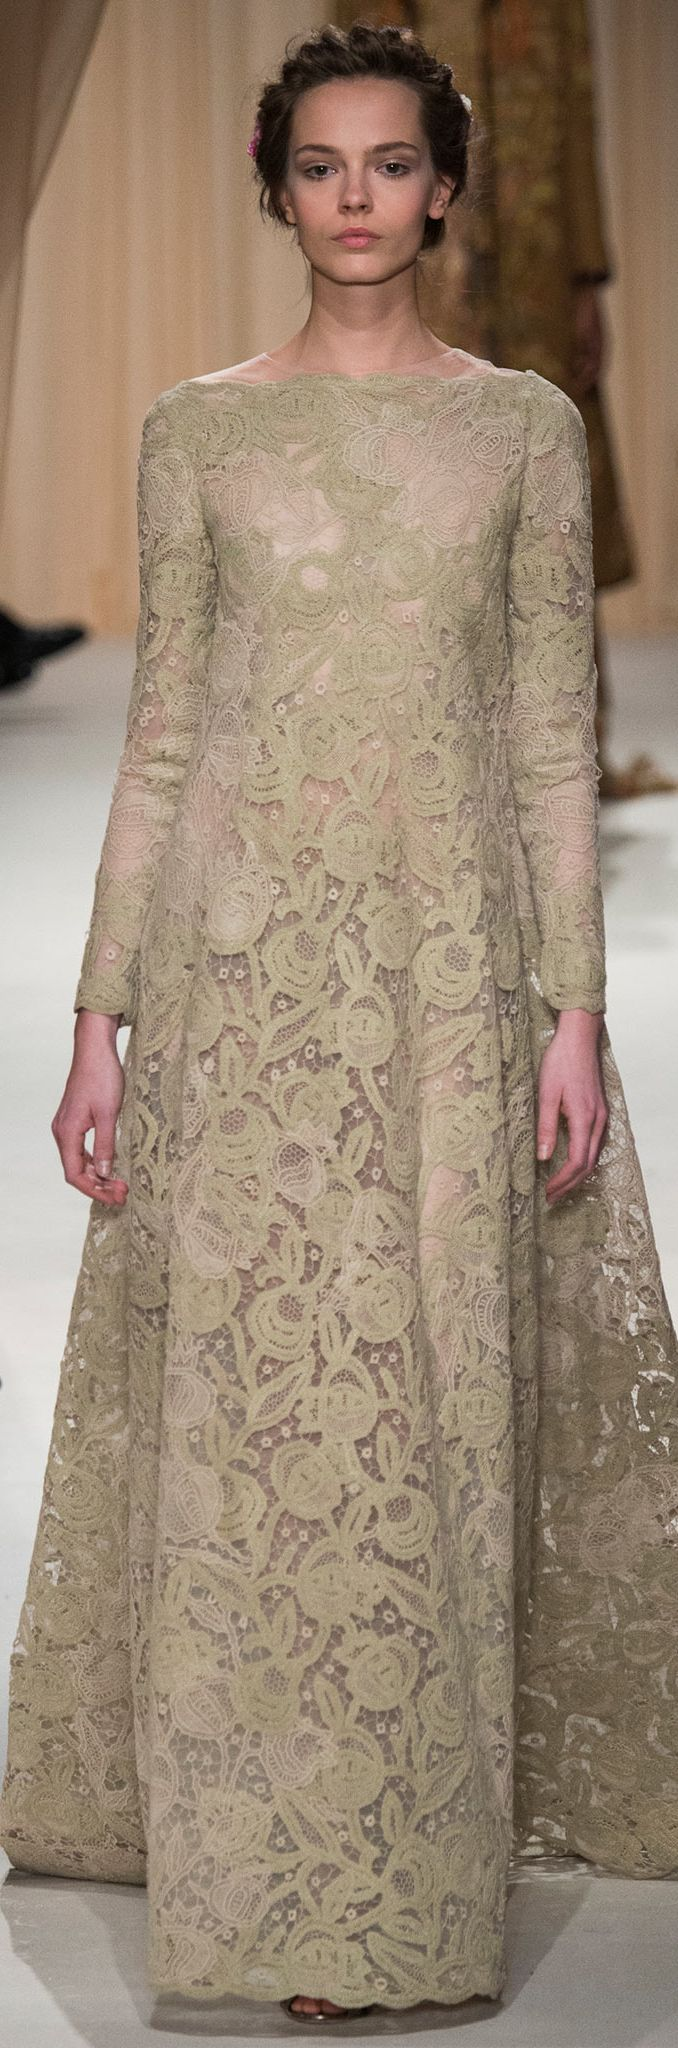 Valentino Haute Couture | SS 2015 | cynthia reccord